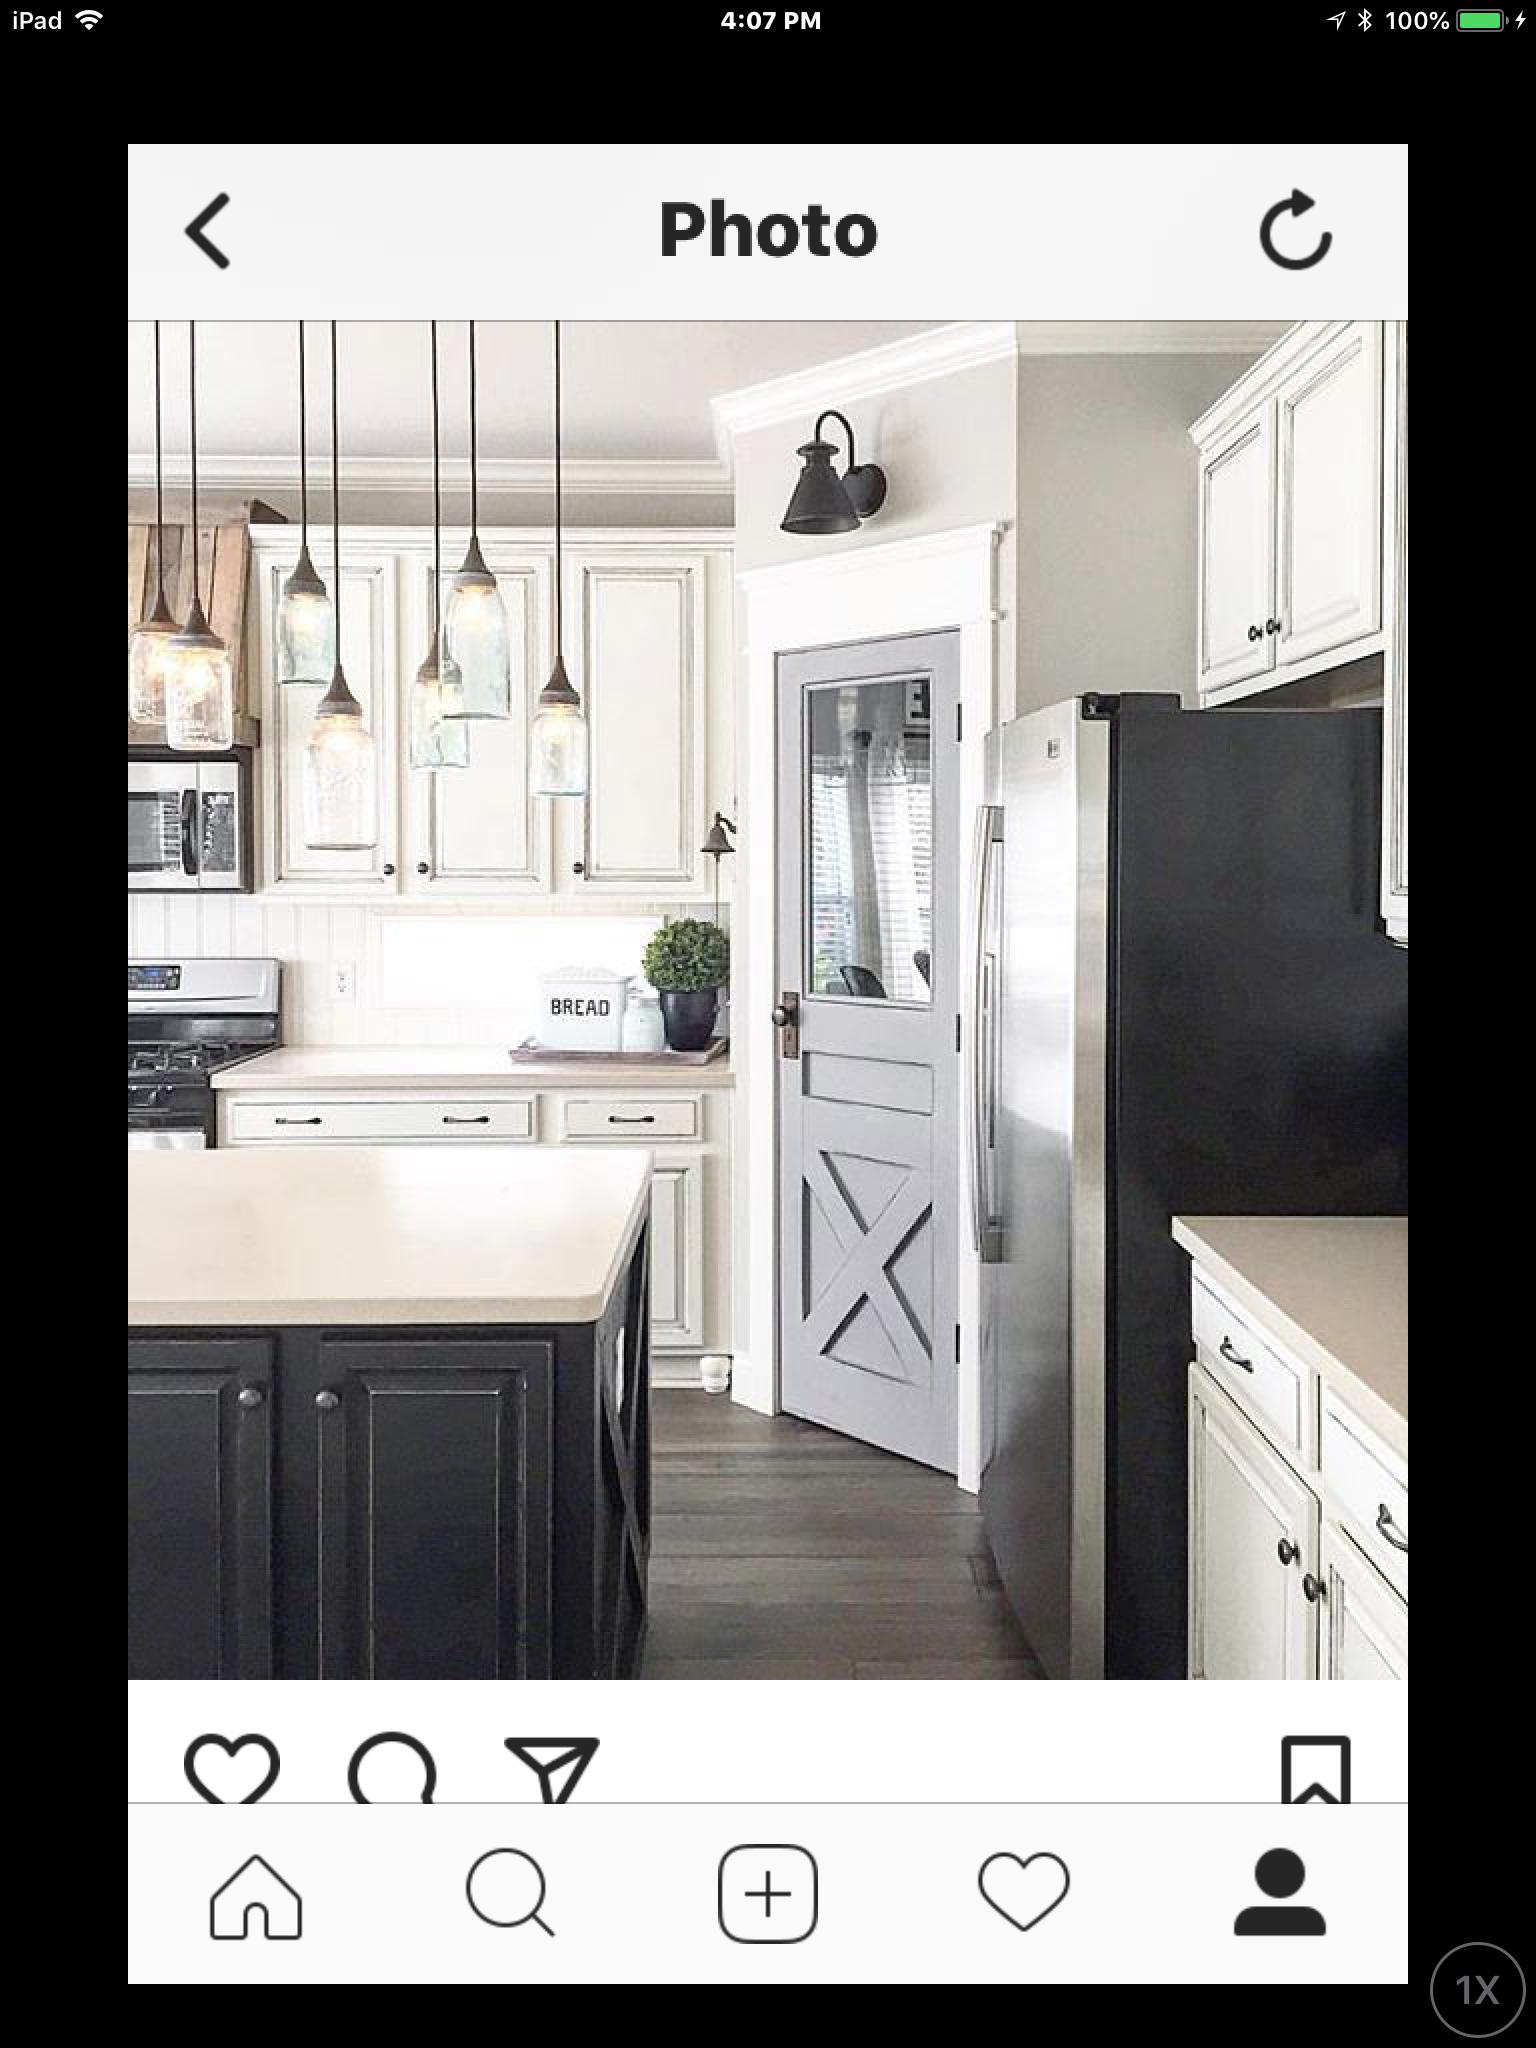 Wunderbar Billige Landküche Wanddekor Fotos - Ideen Für Die Küche ...